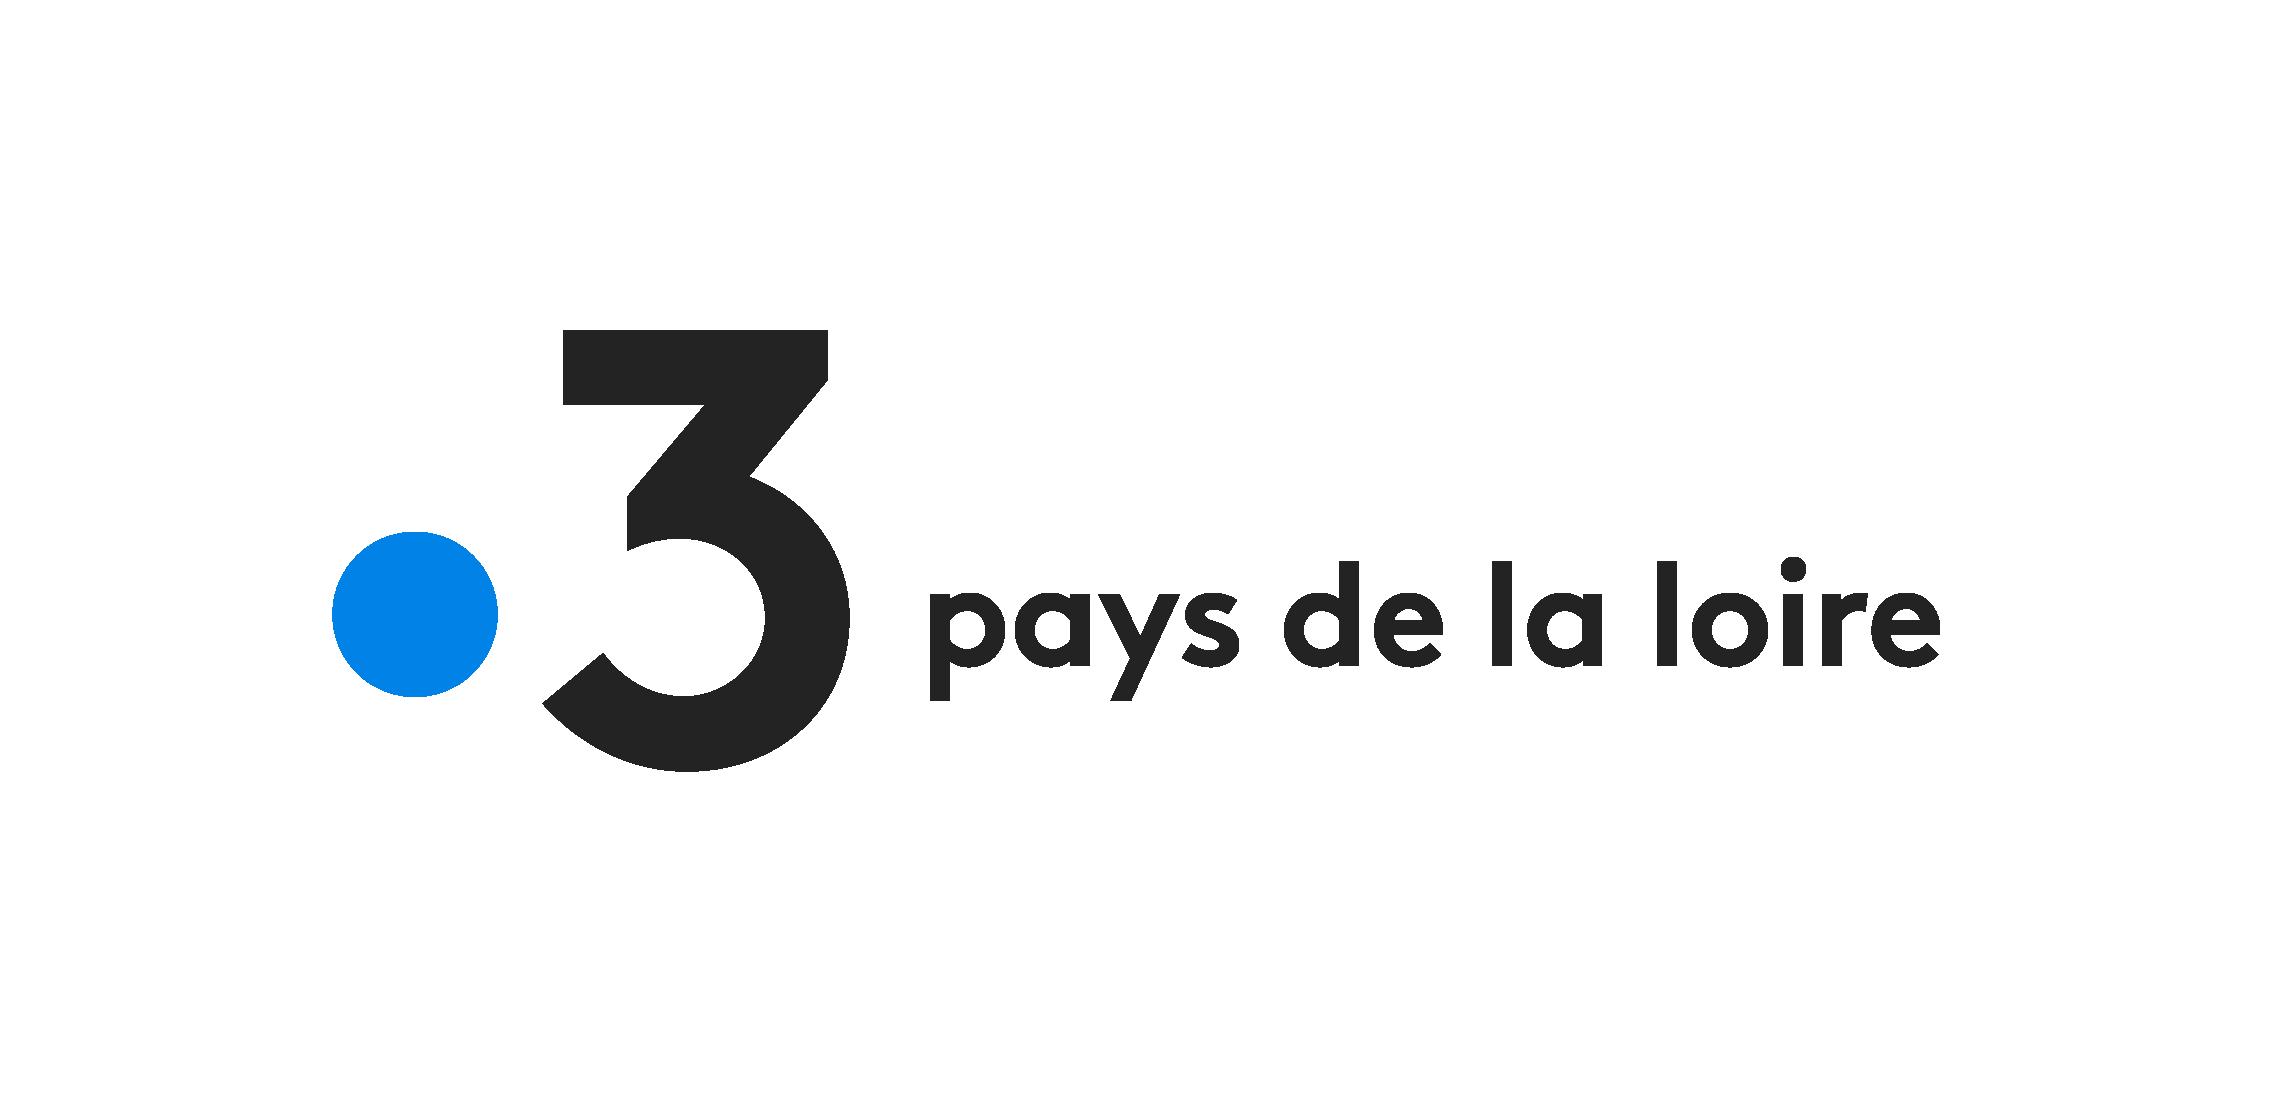 france_3_logo_rvb_pays_de_la_loire_couleur_noir